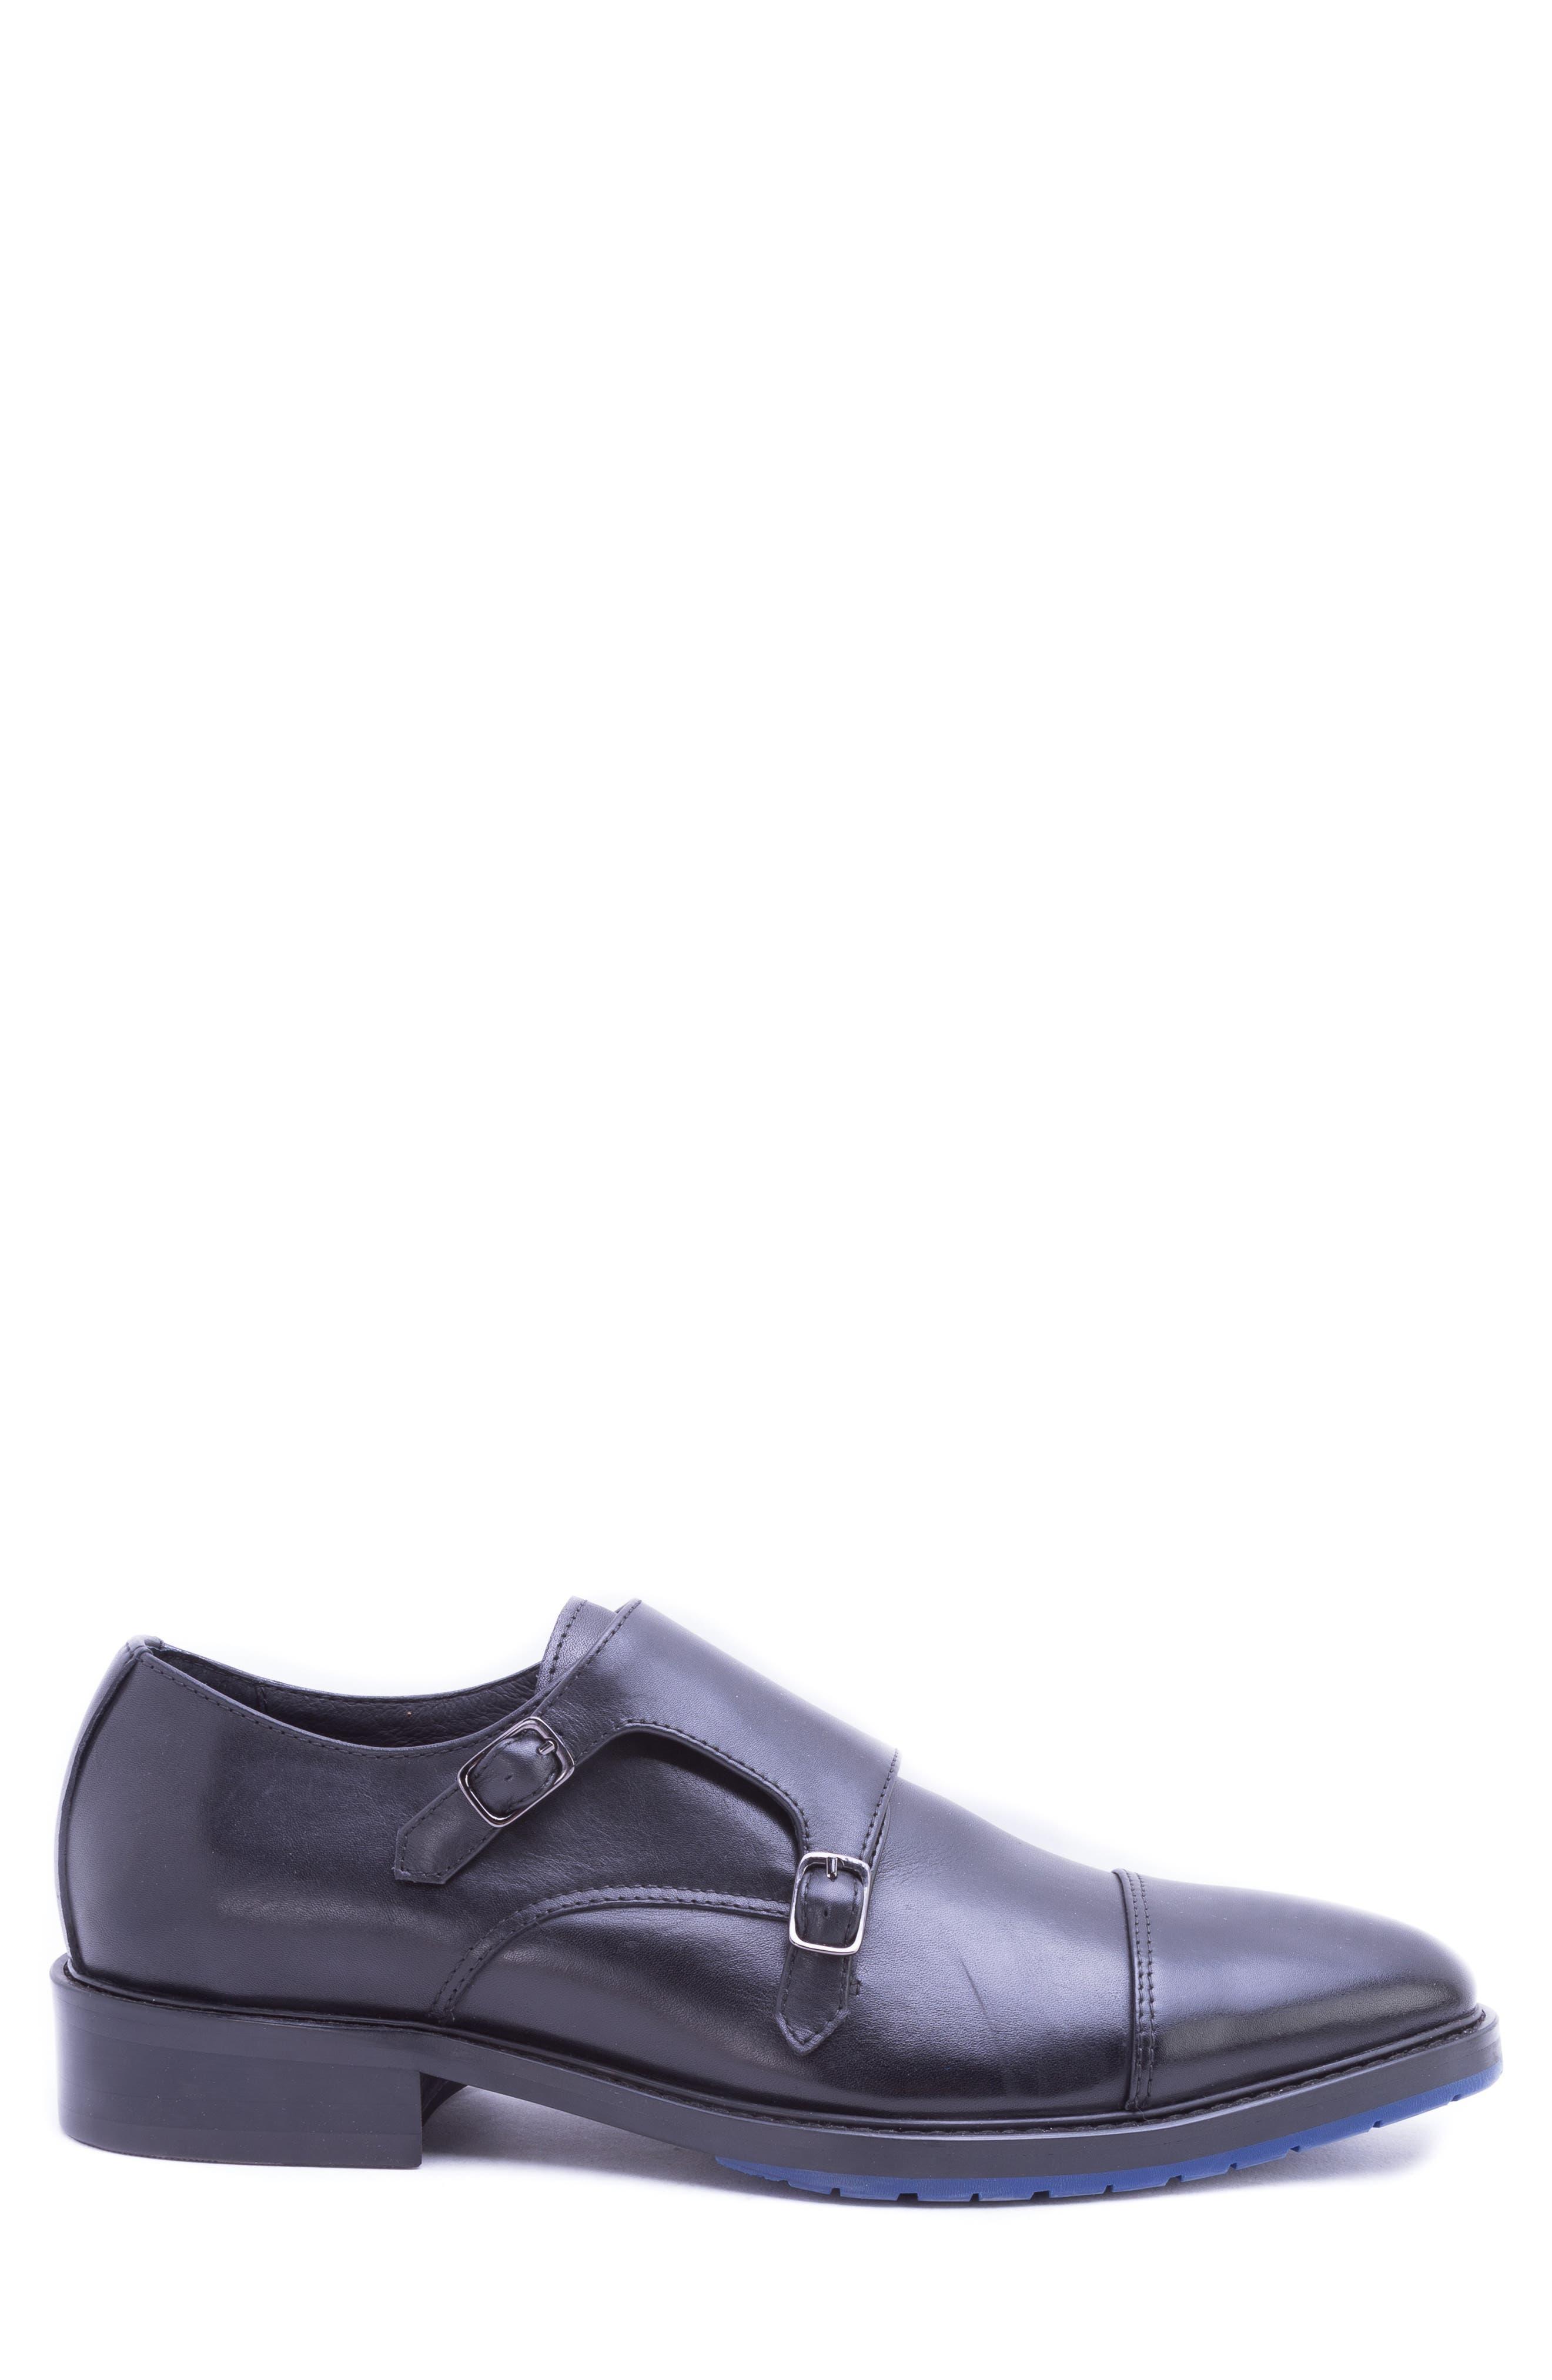 Catlett Double Monk Strap Shoe,                             Alternate thumbnail 3, color,                             BLACK LEATHER